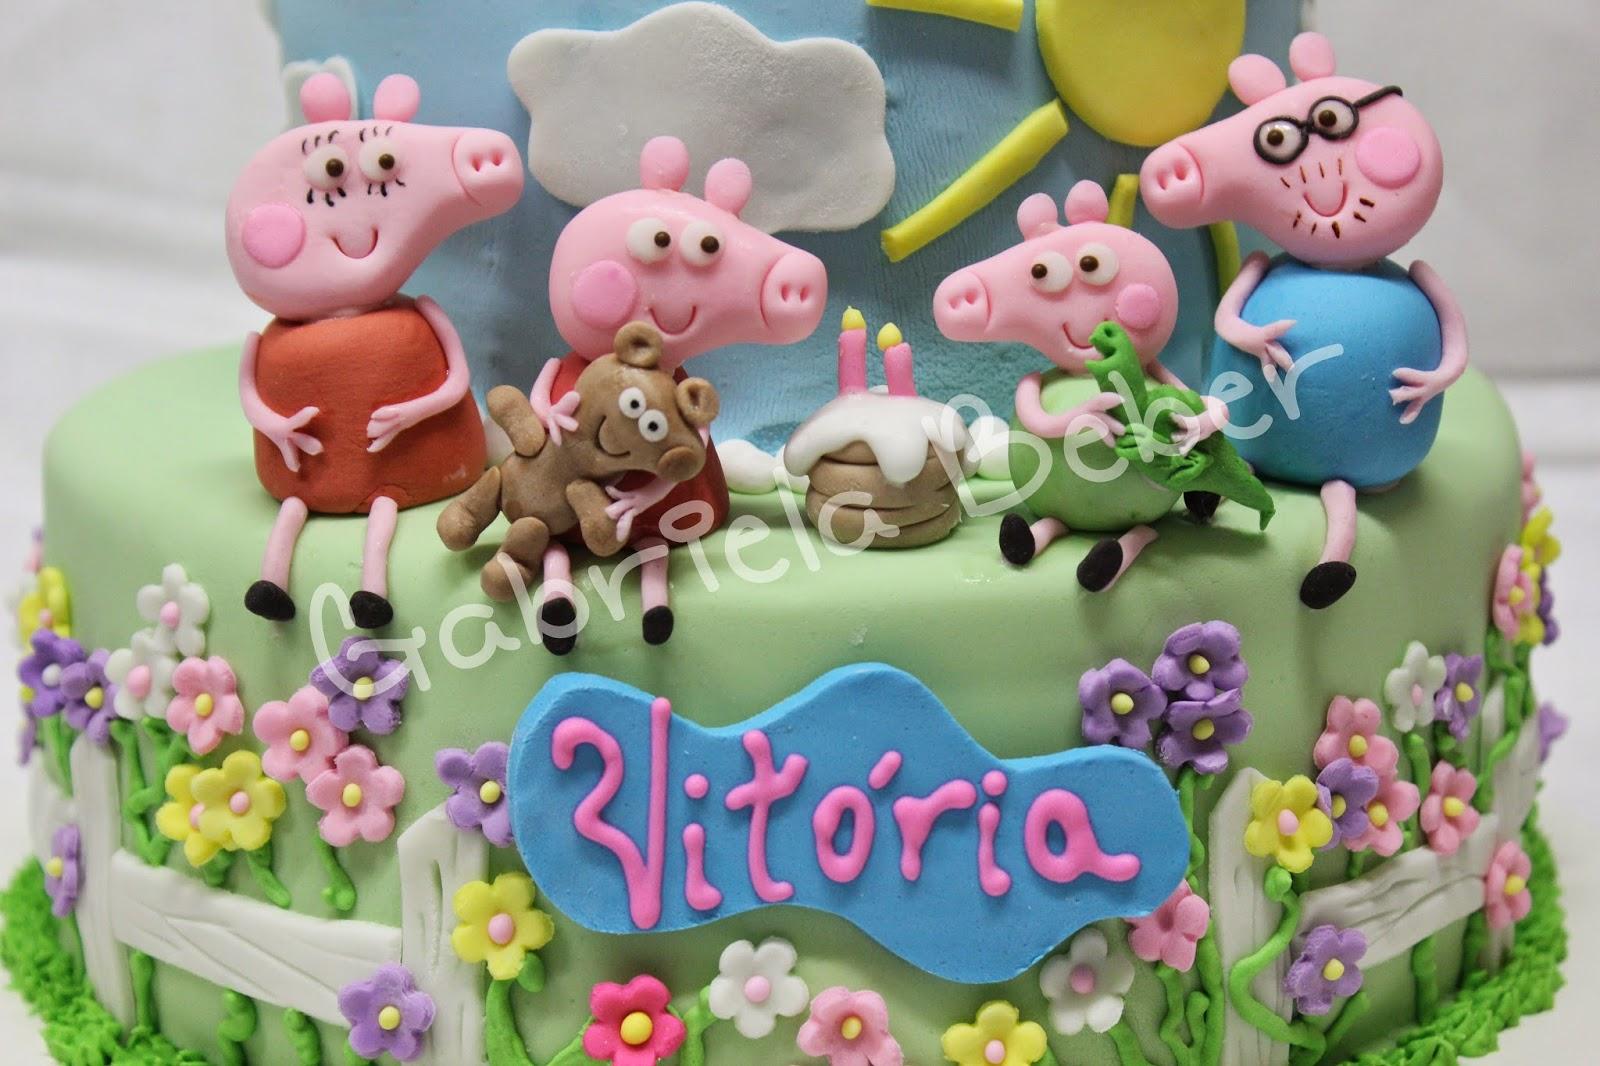 Bolos E Doces Personalizados: Bolo Peppa Pig